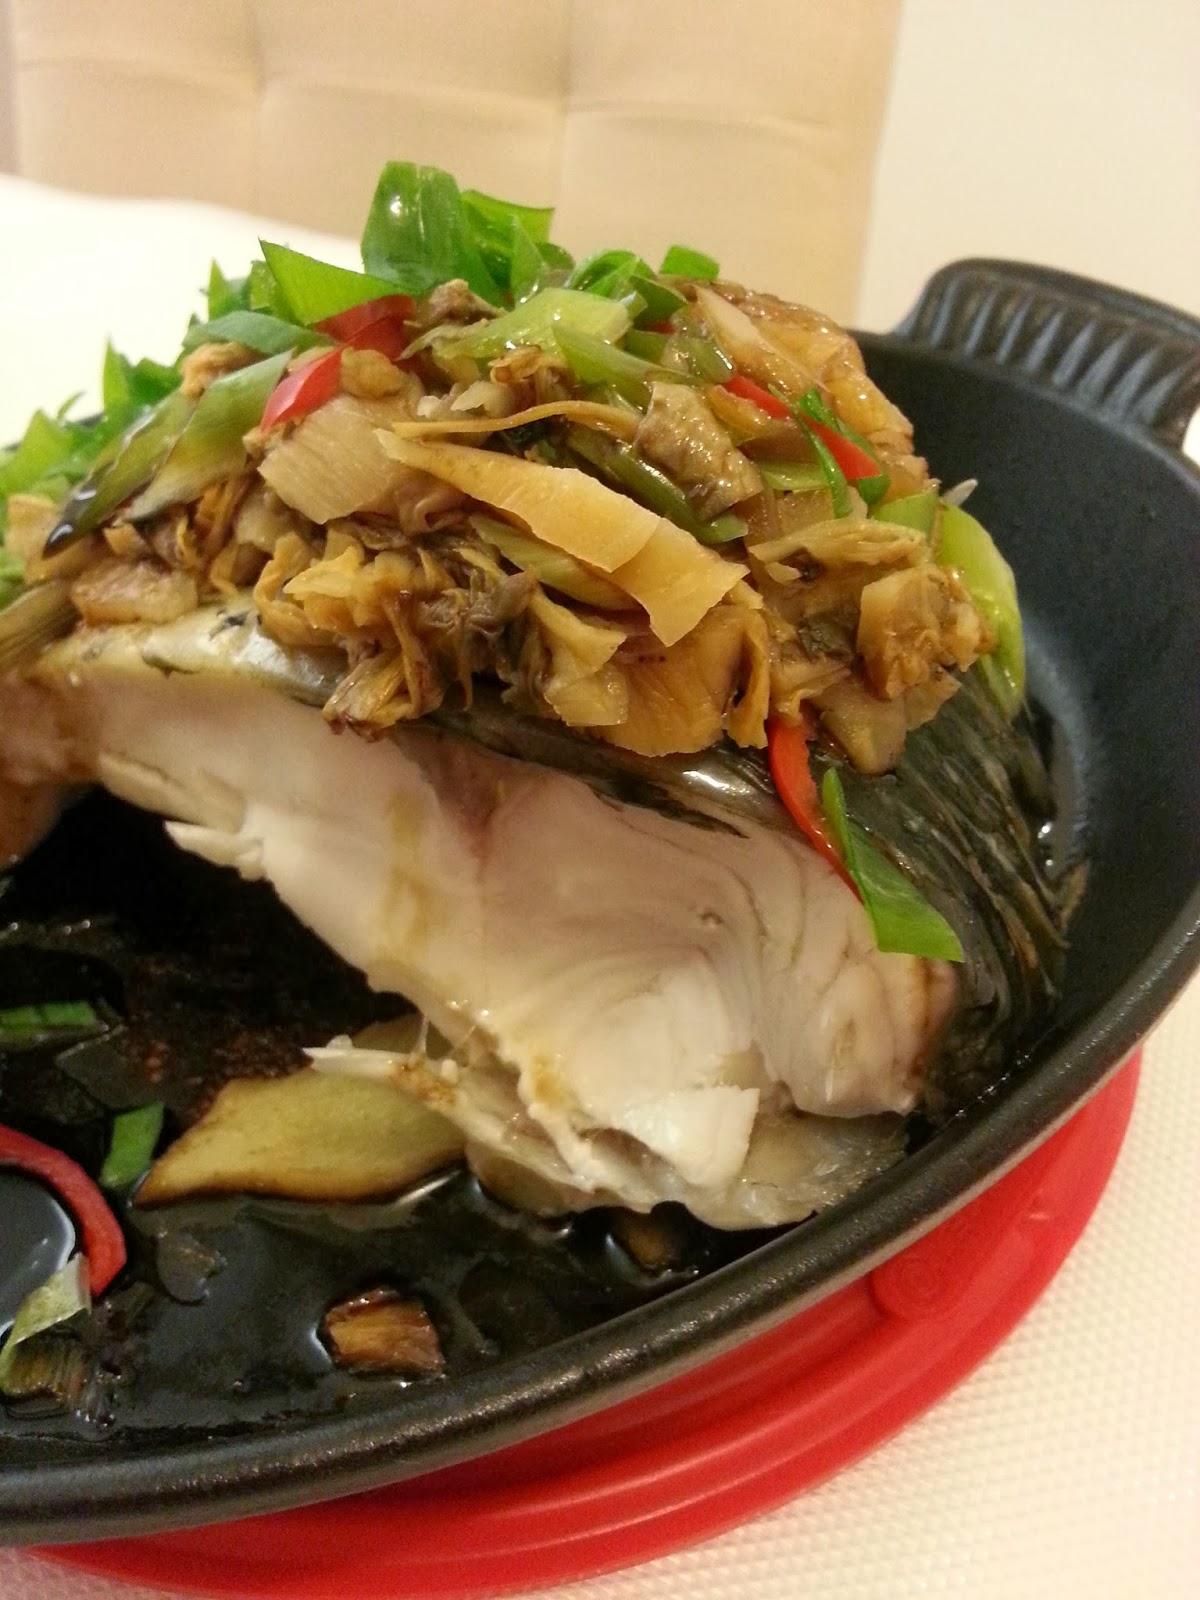 我們的甜蜜日記: 梅菜蒸鯇魚 - LC 無水蒸法